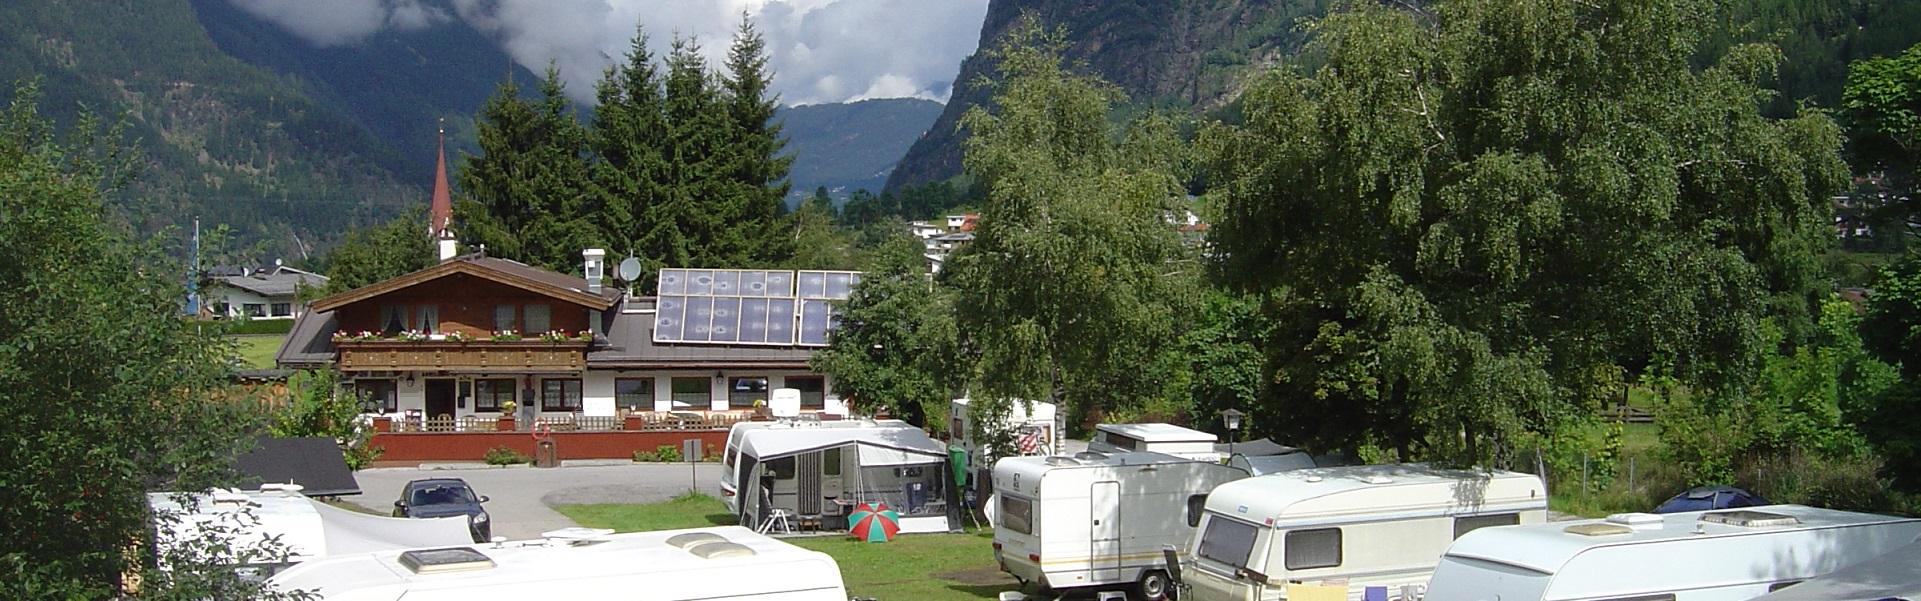 Ötztal Arena Camping Tirol